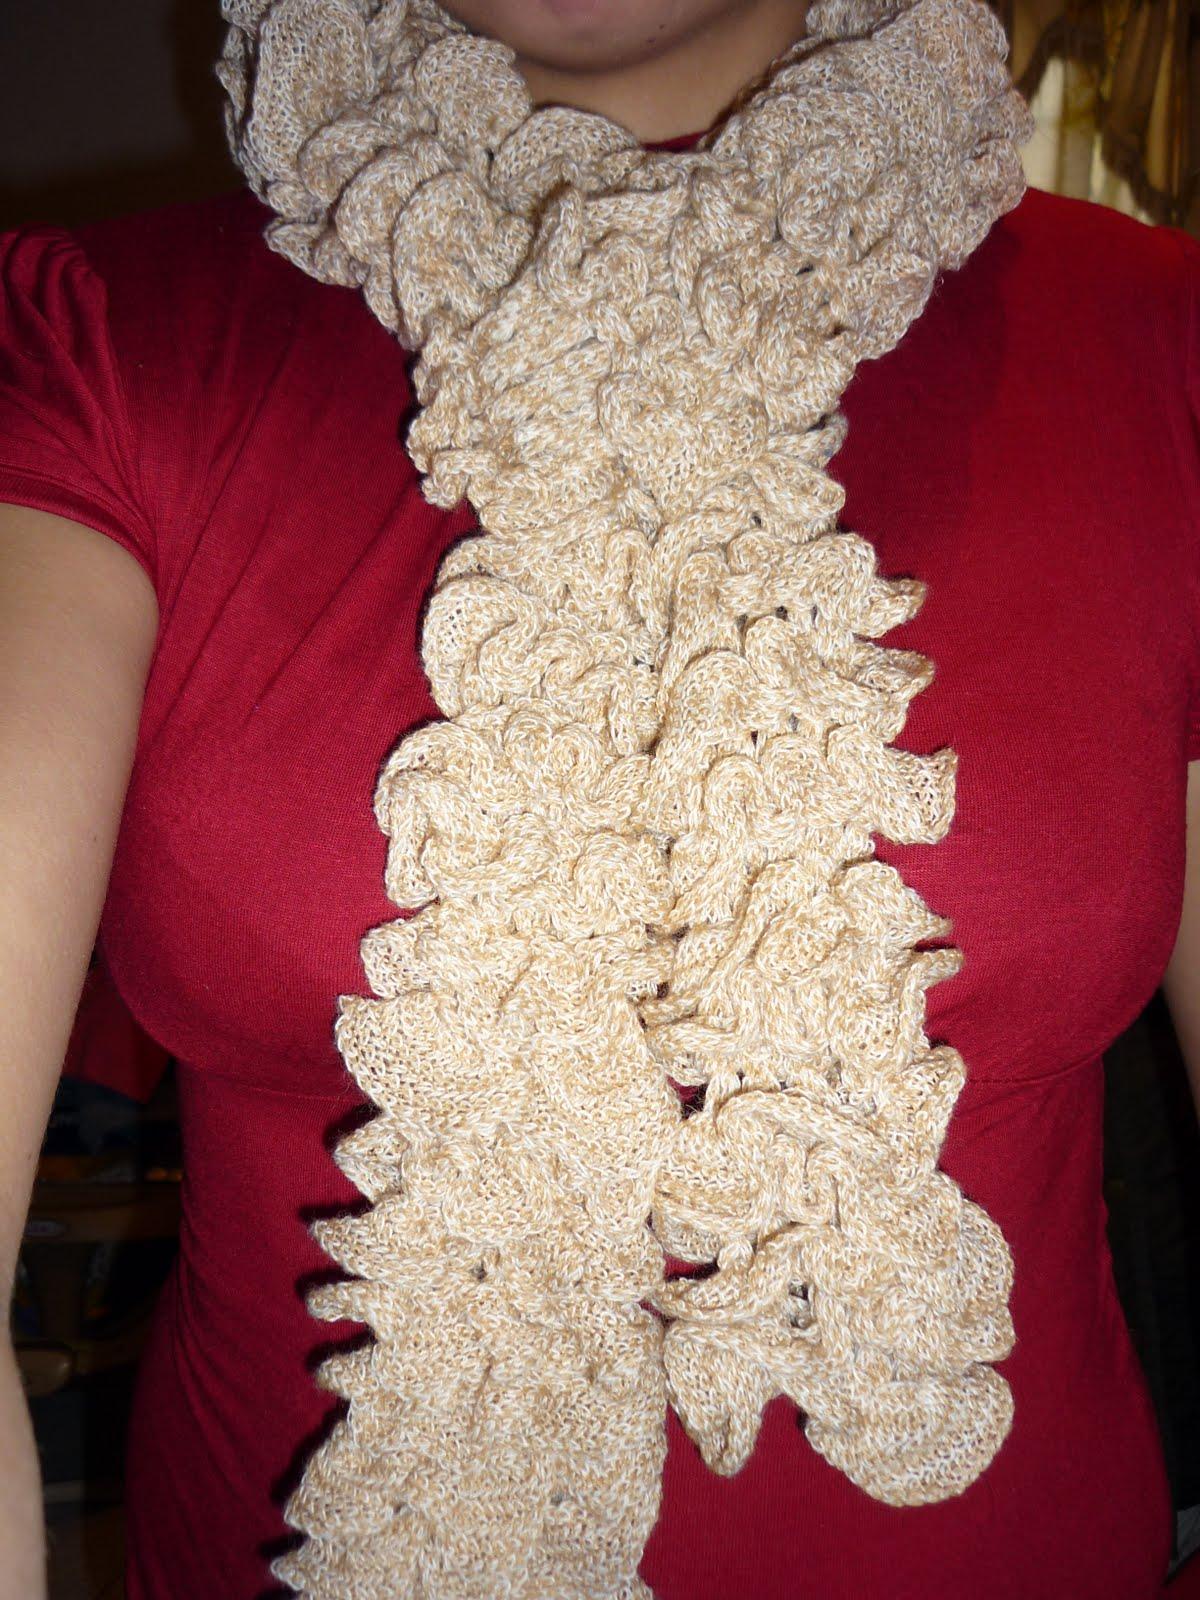 hace tiempo que vi este tipo de bufandas pero no tenia idea de como